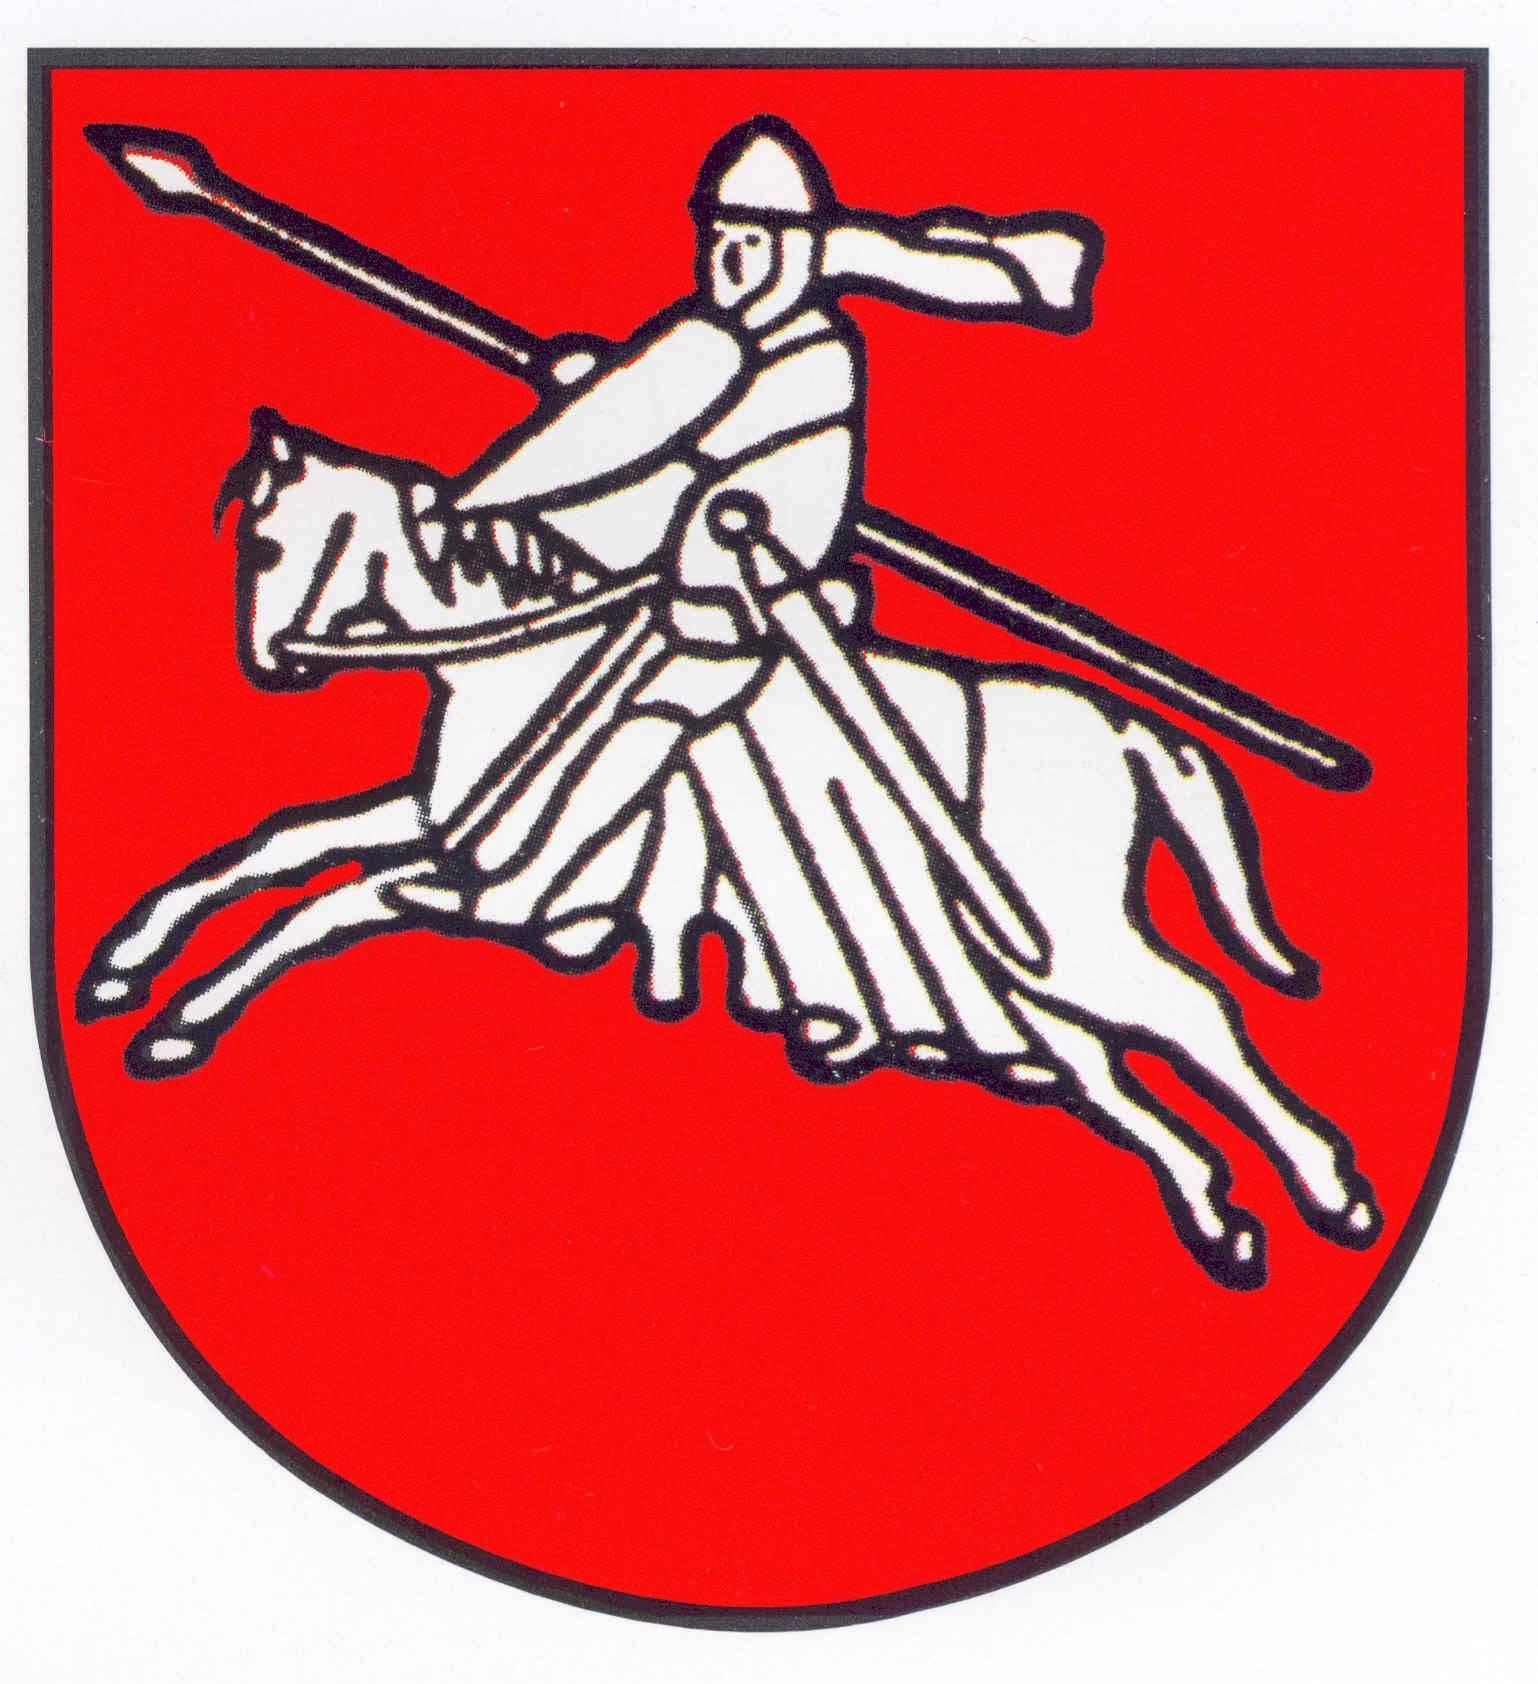 Wappen GemeindeSatrup, Kreis Schleswig-Flensburg